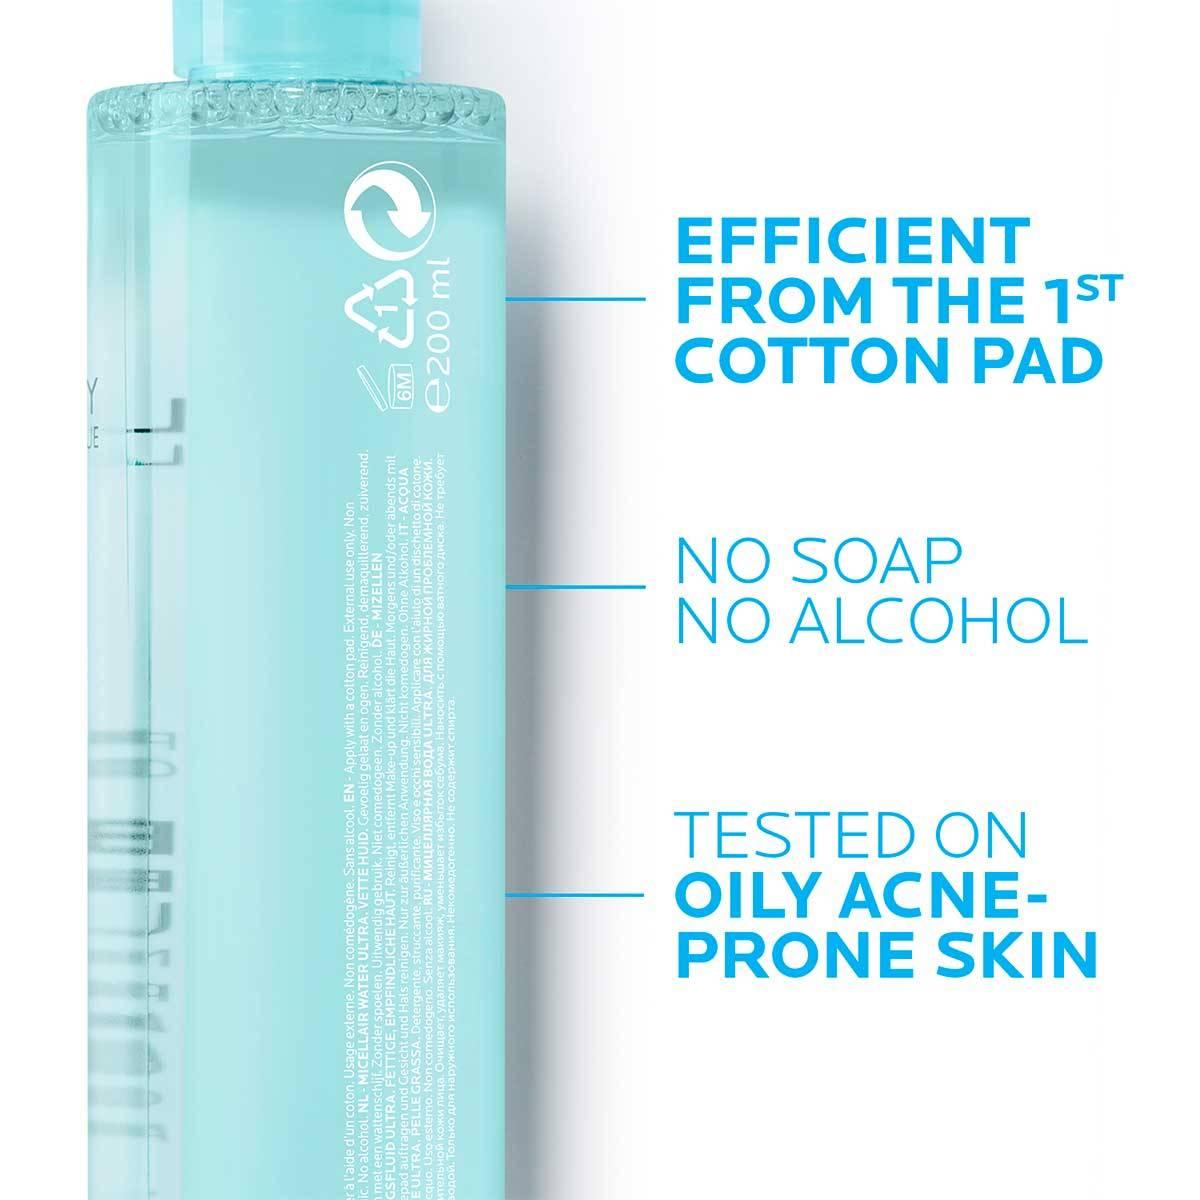 La Roche Posay Produktsida Tendens till akne Effaclar Micellar Water Ultra 200ml 34